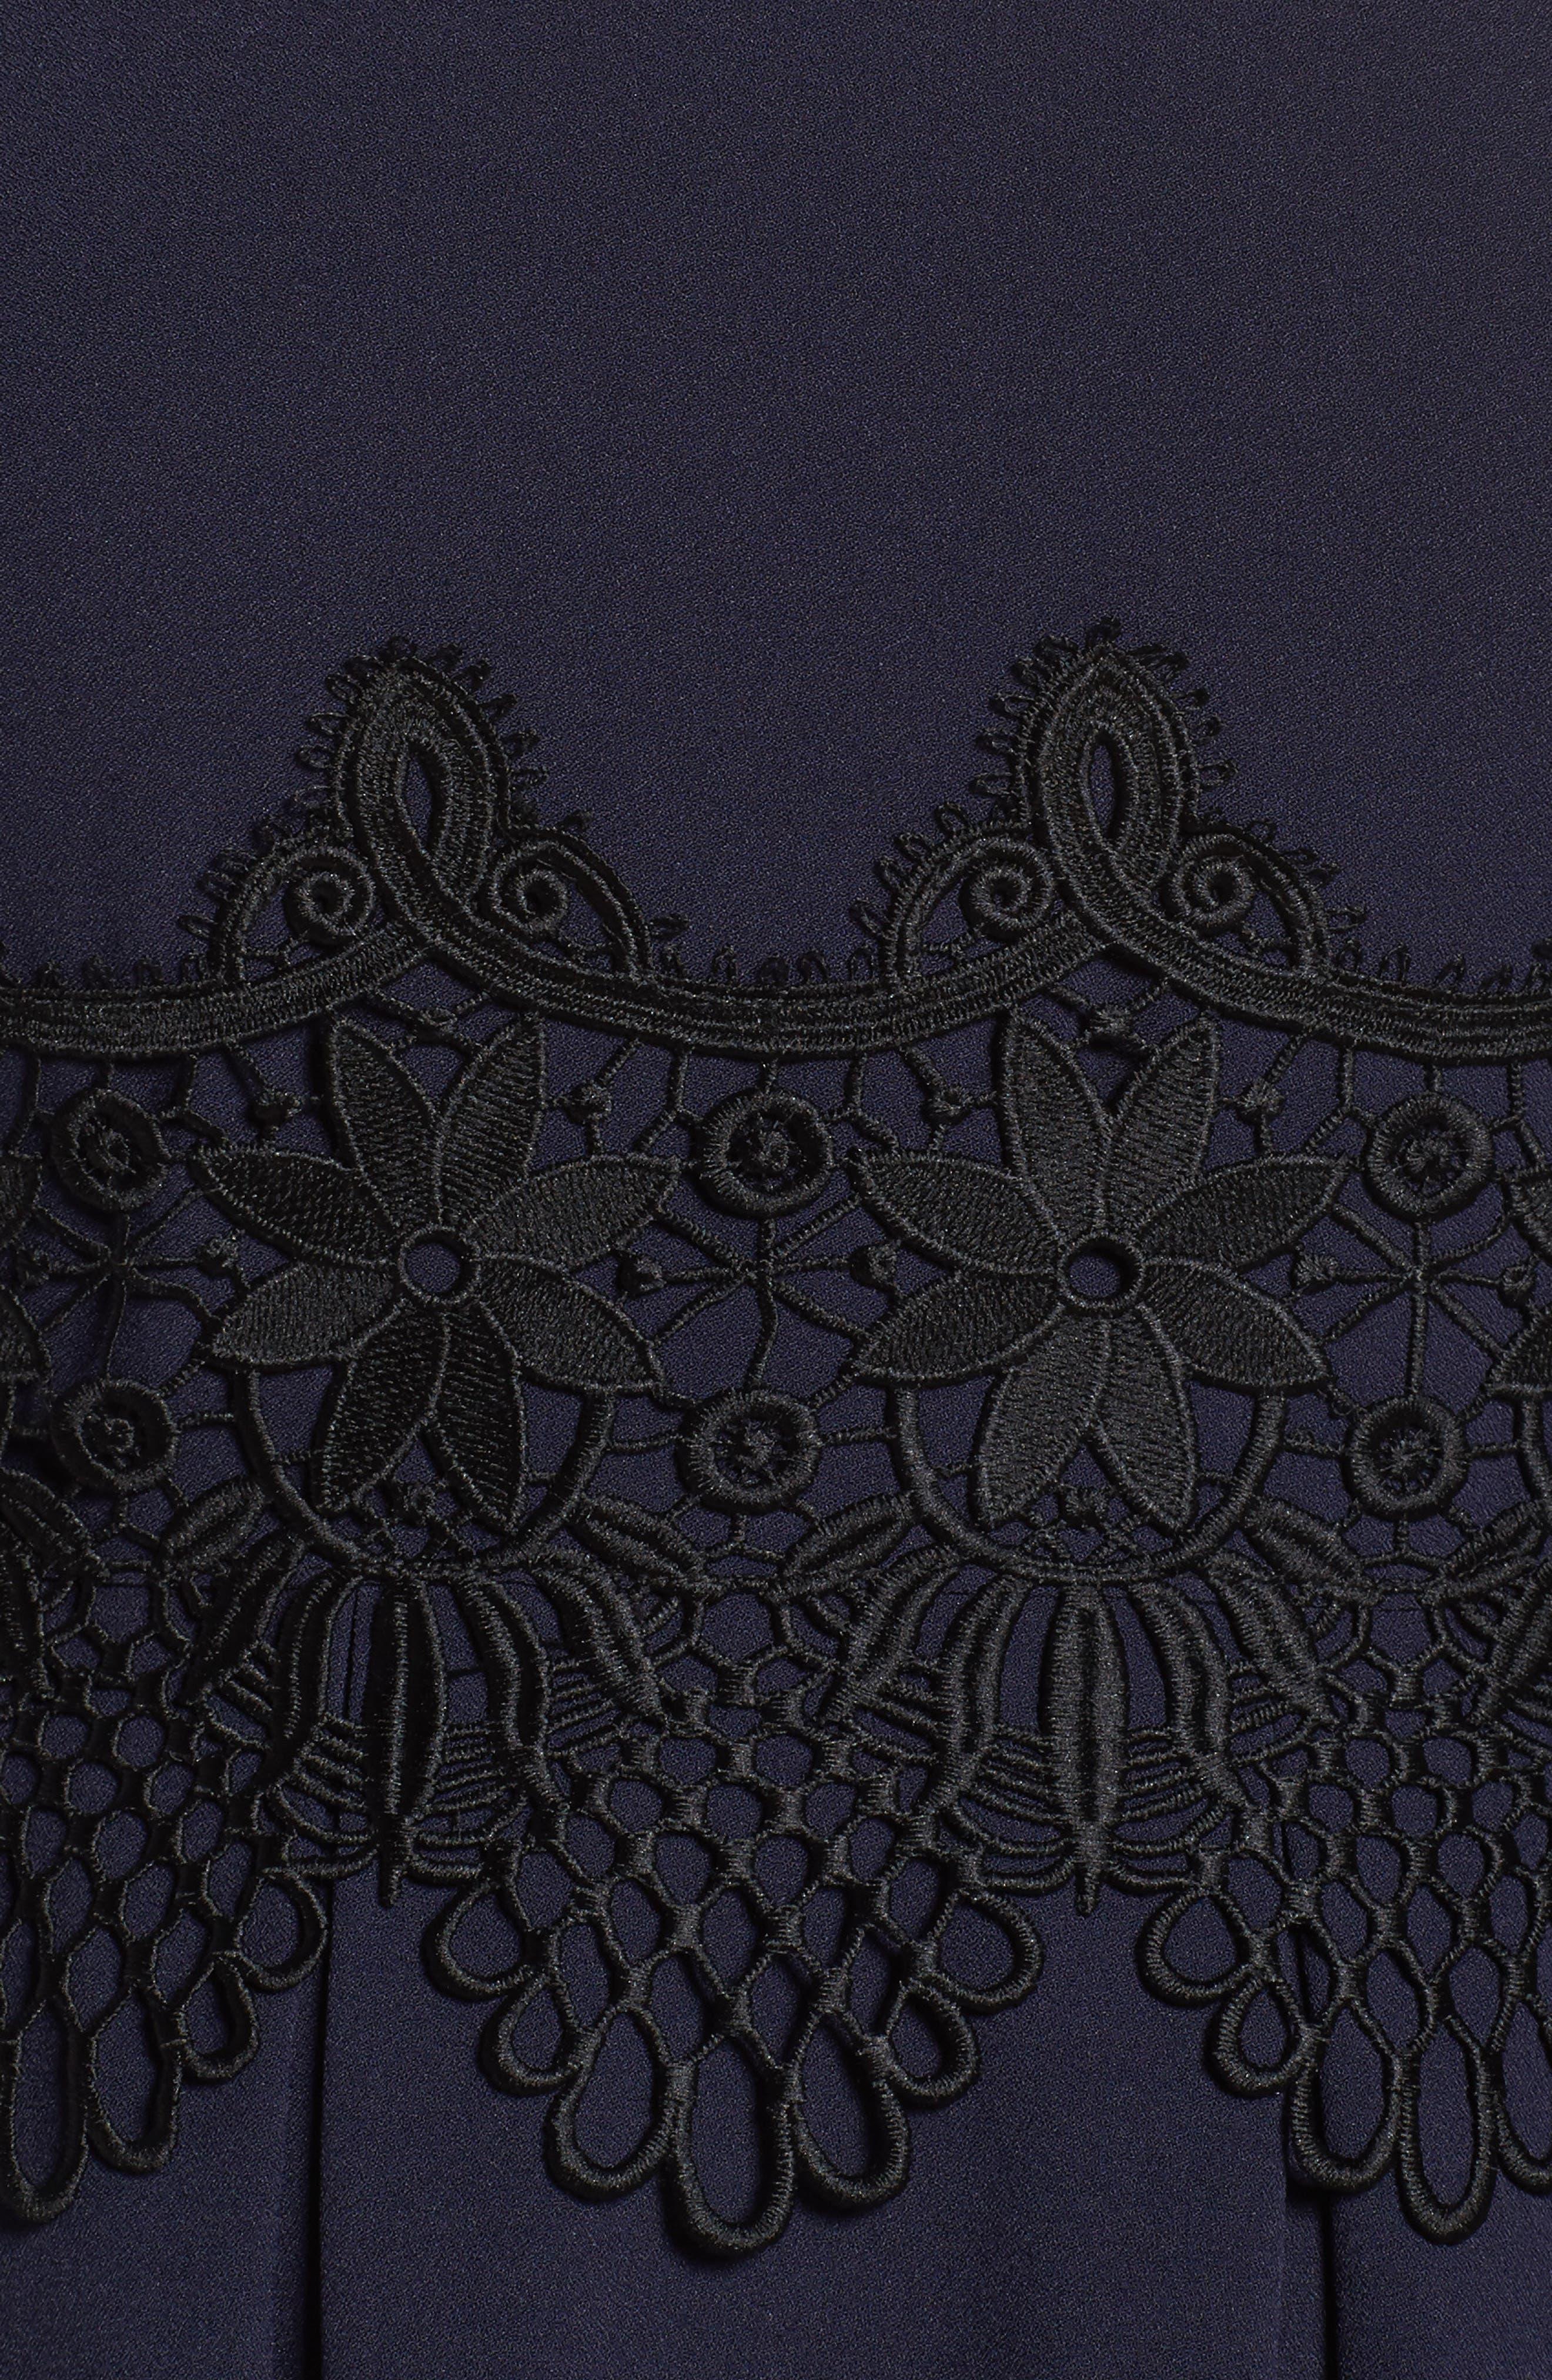 Lace Appliqué A-Line Dress,                             Alternate thumbnail 5, color,                             488